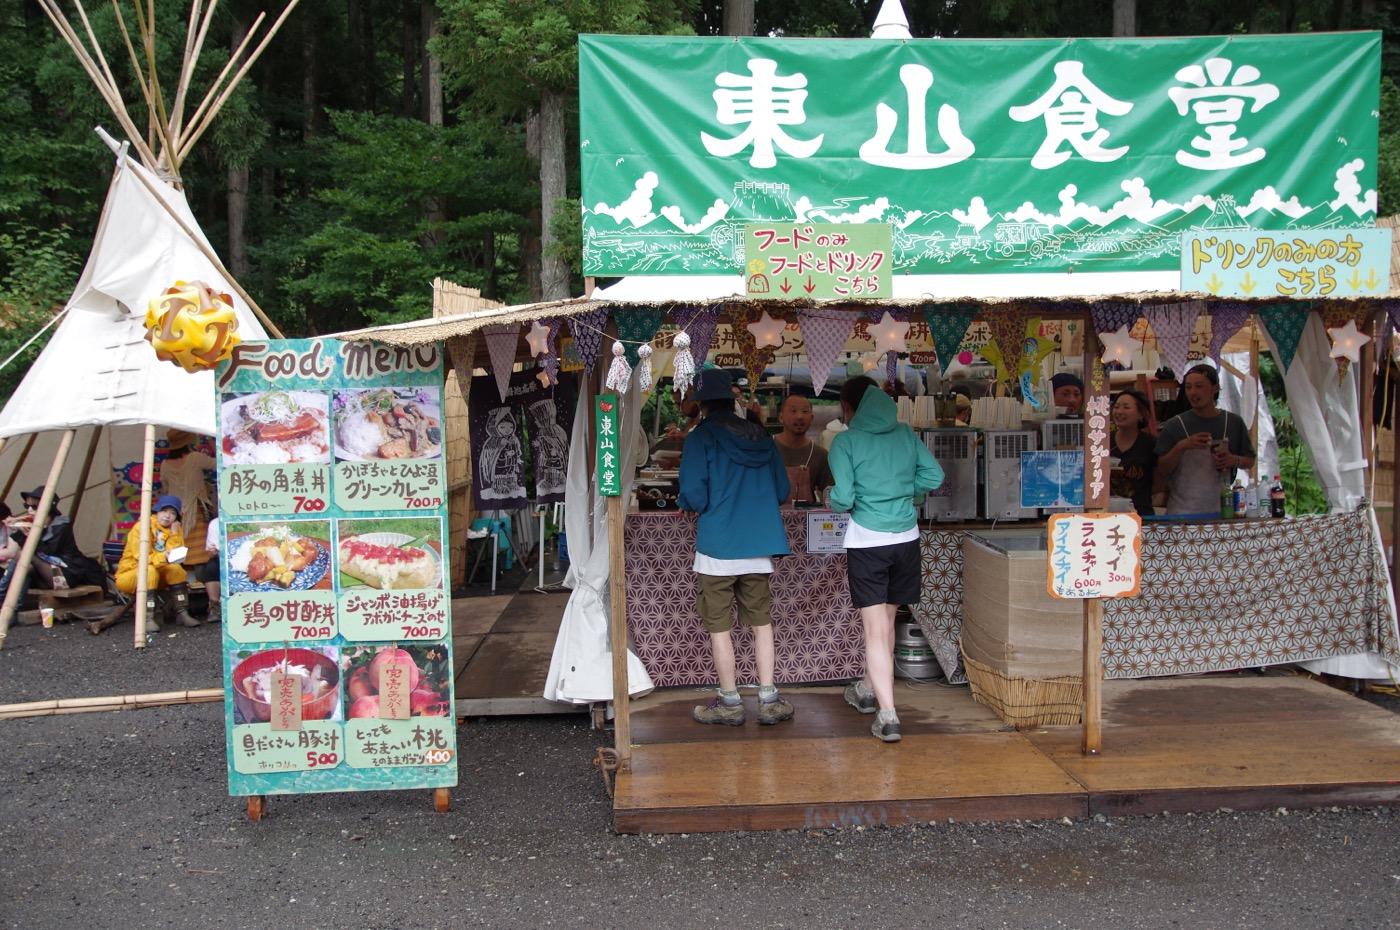 栃尾ジャンボ油揚げ(アボカドソース)